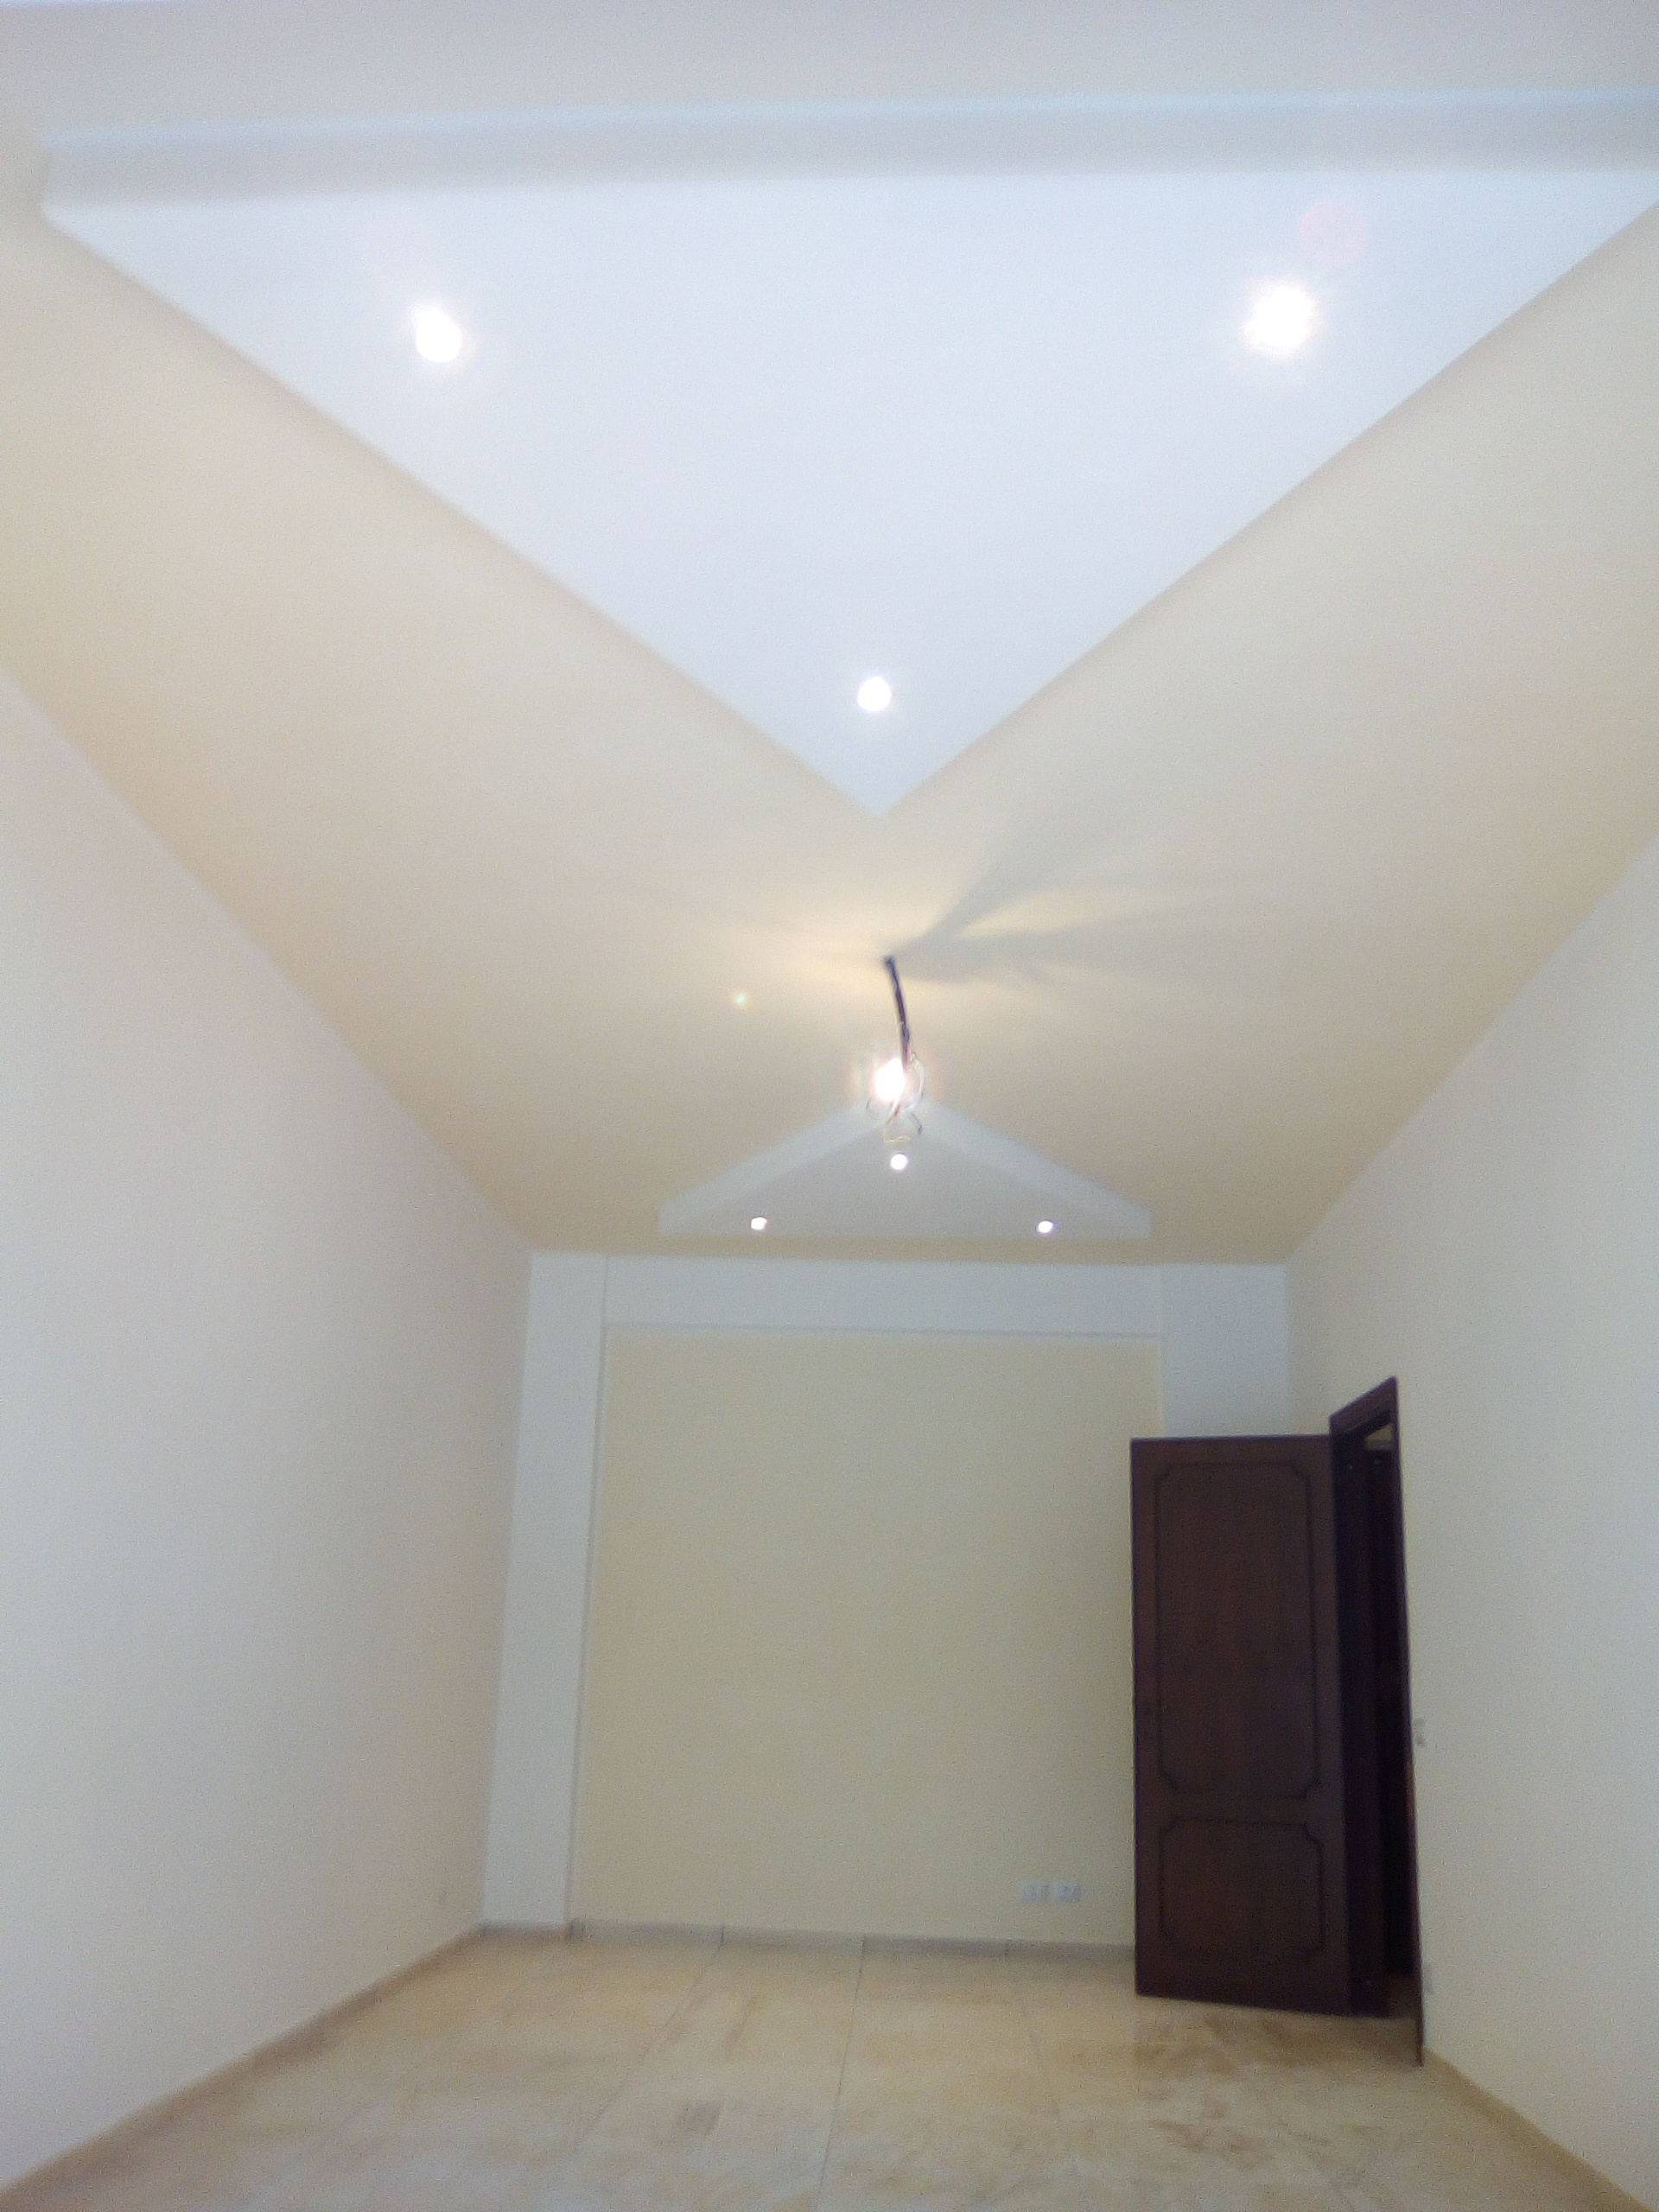 Ristrutturazione Casa Roma Prezzi contro soffitto con faretti a led – ristrutturare-roma